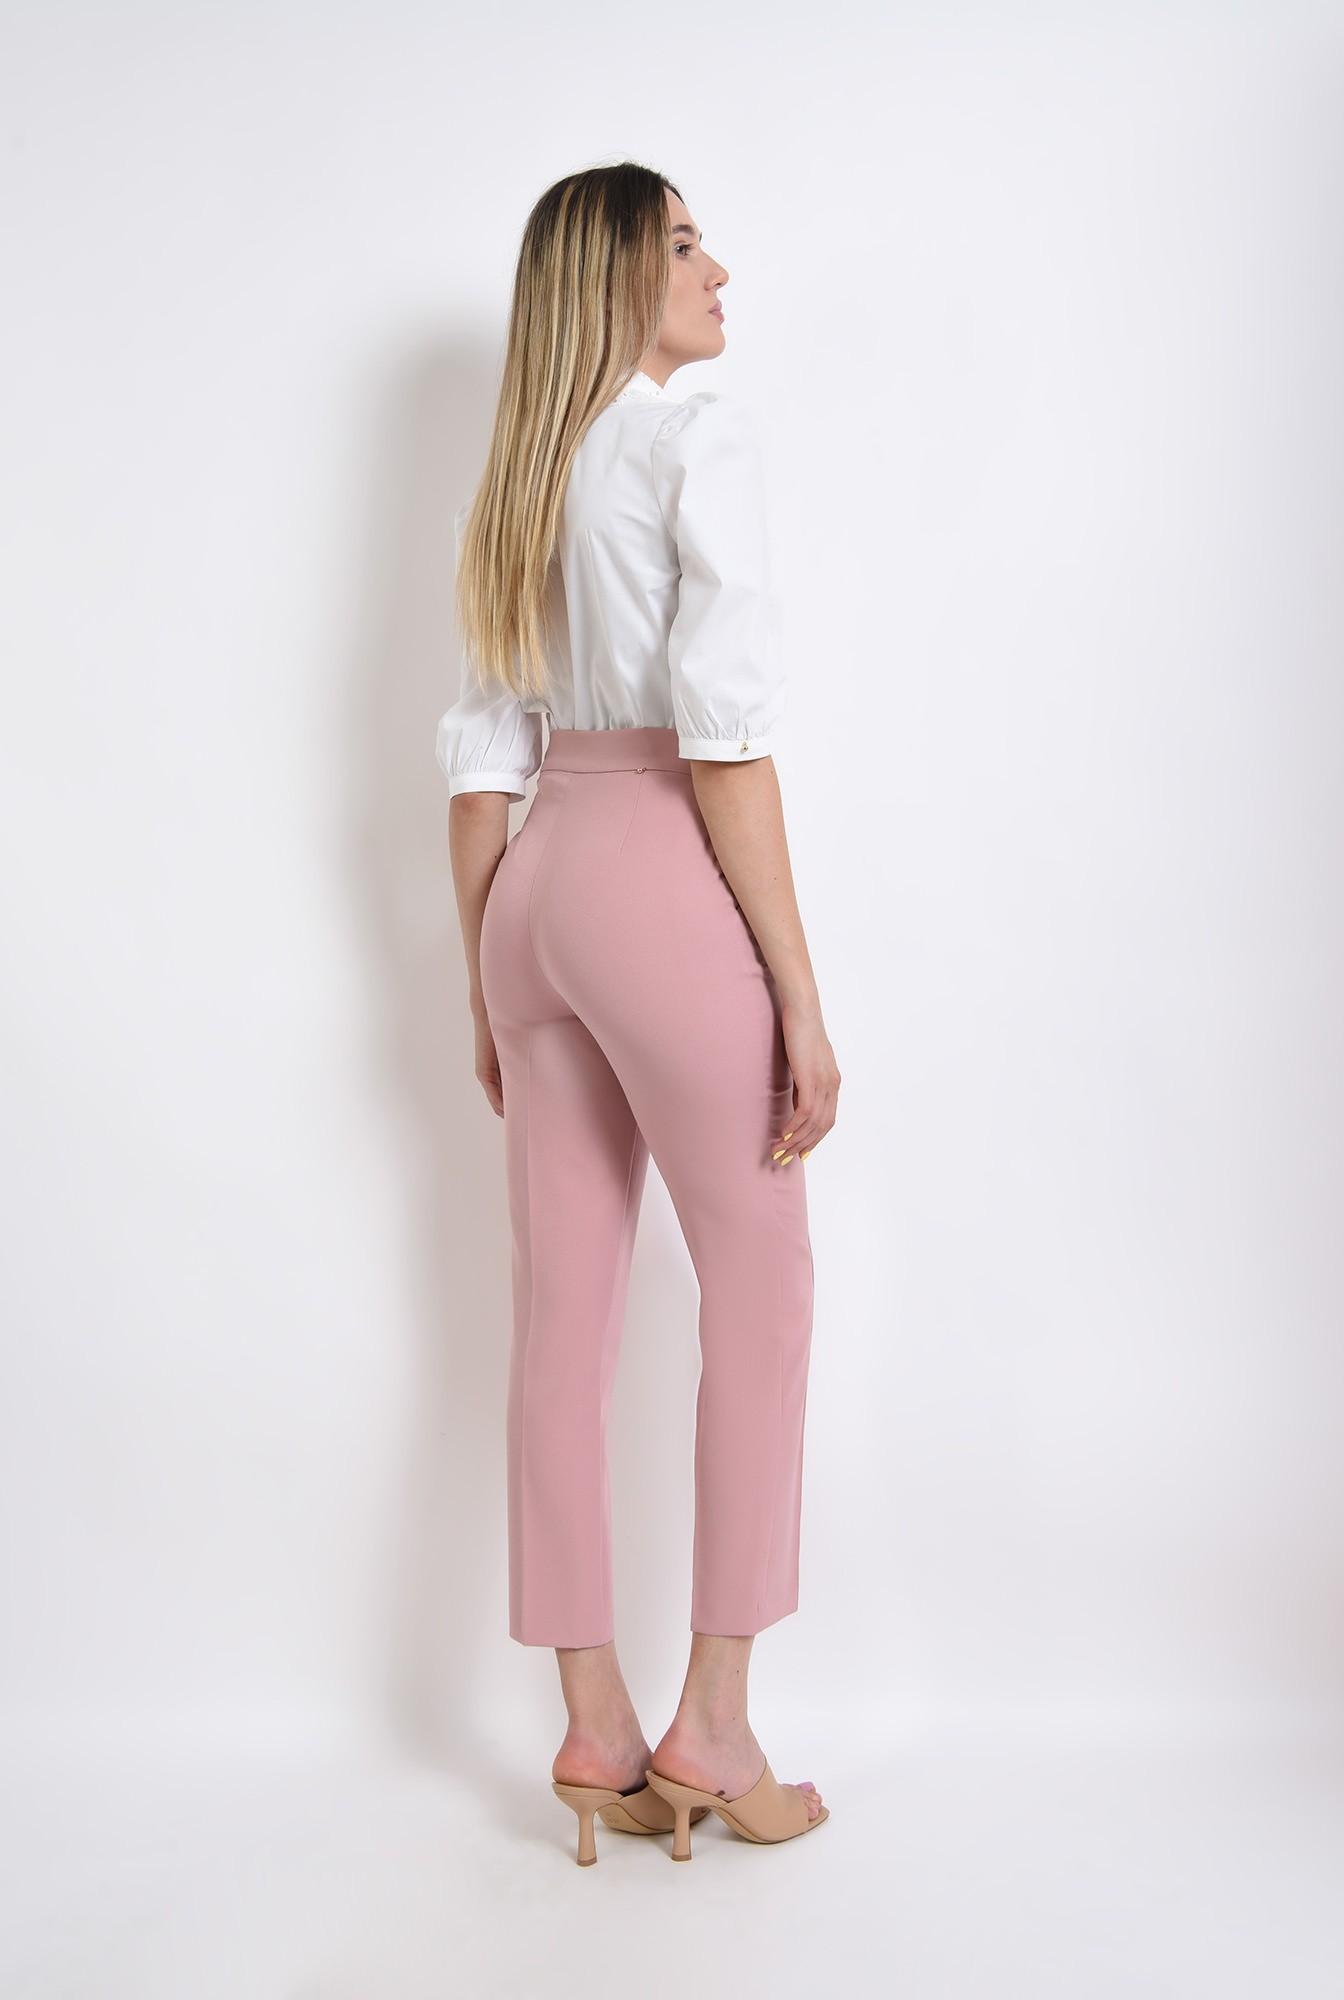 2 -  pantaloni roz, conici, office, casual, pantaloni pana